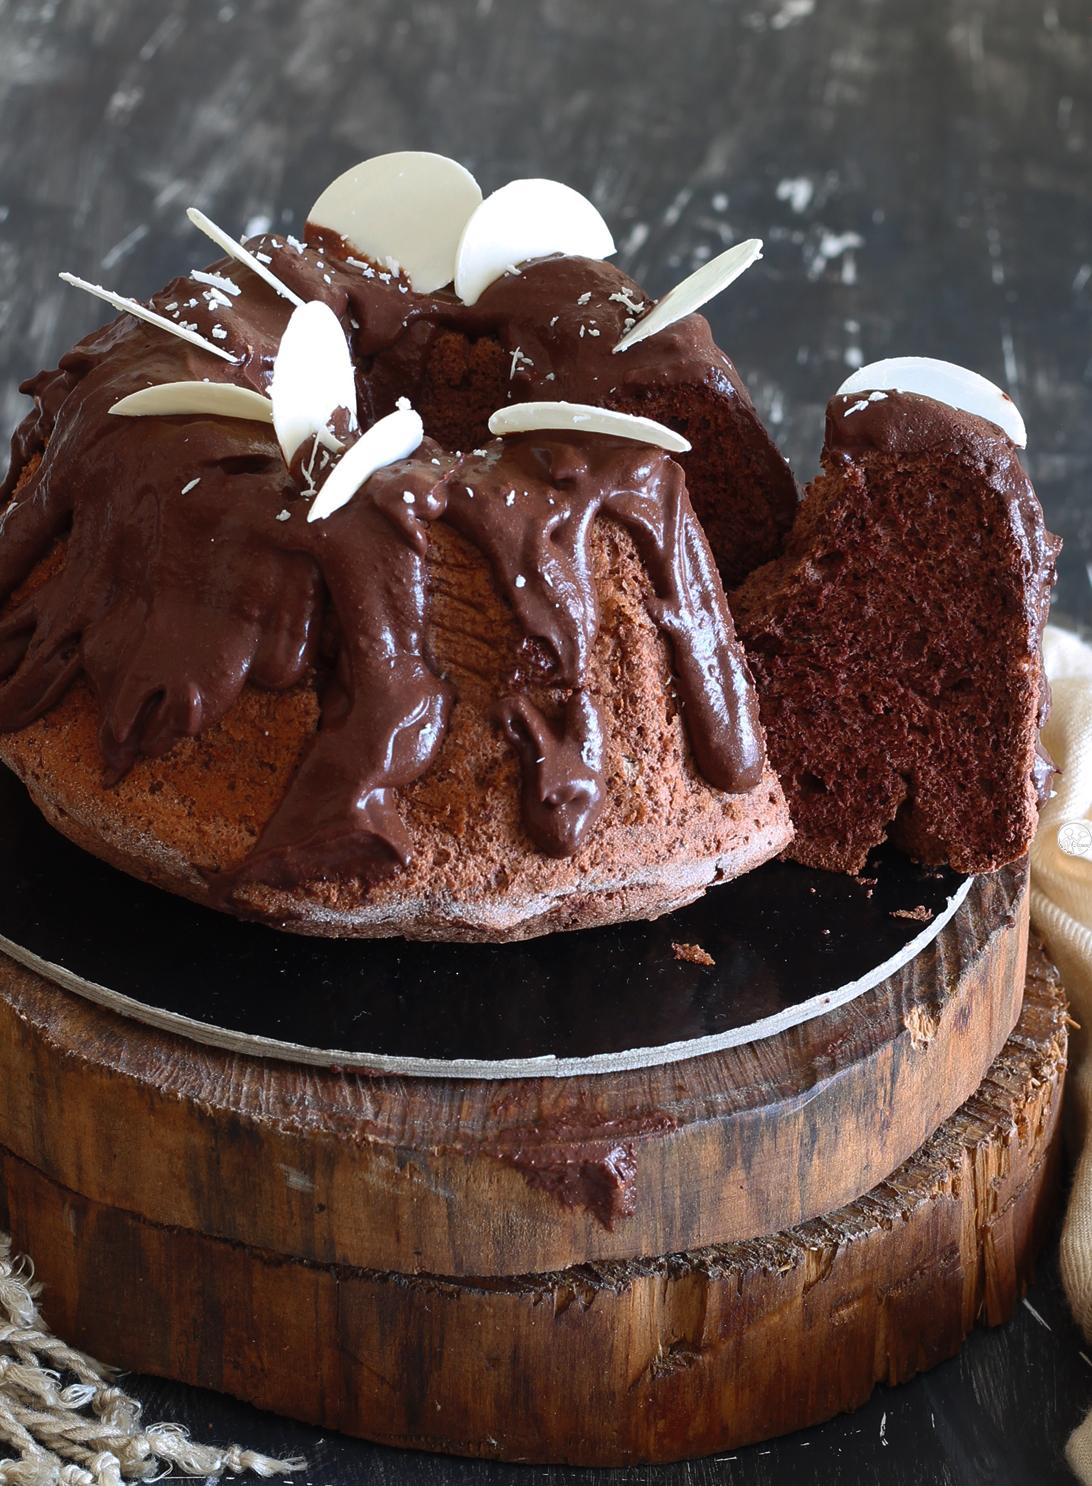 Ciambella al cacao senza glutine - La Cassata Celiaca